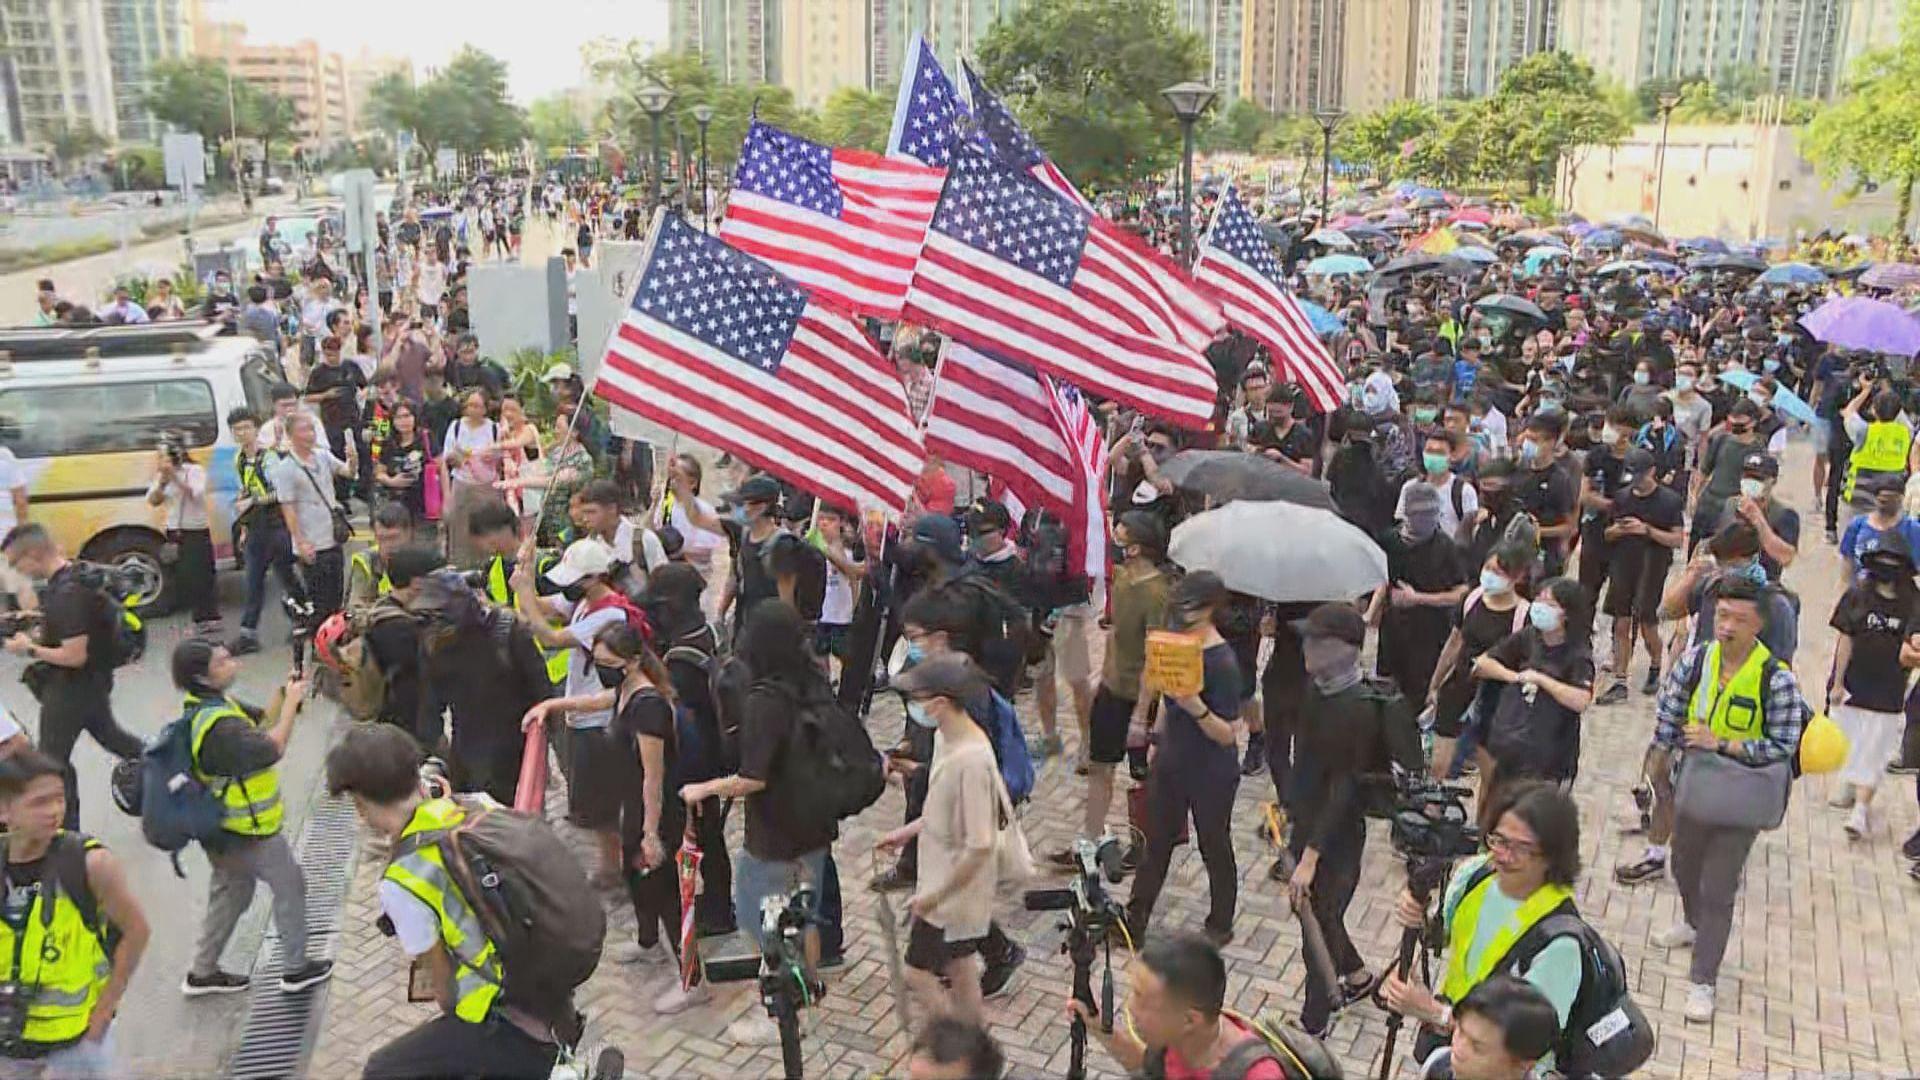 天水圍遊行遭警反對 繼續有市民自發遊行